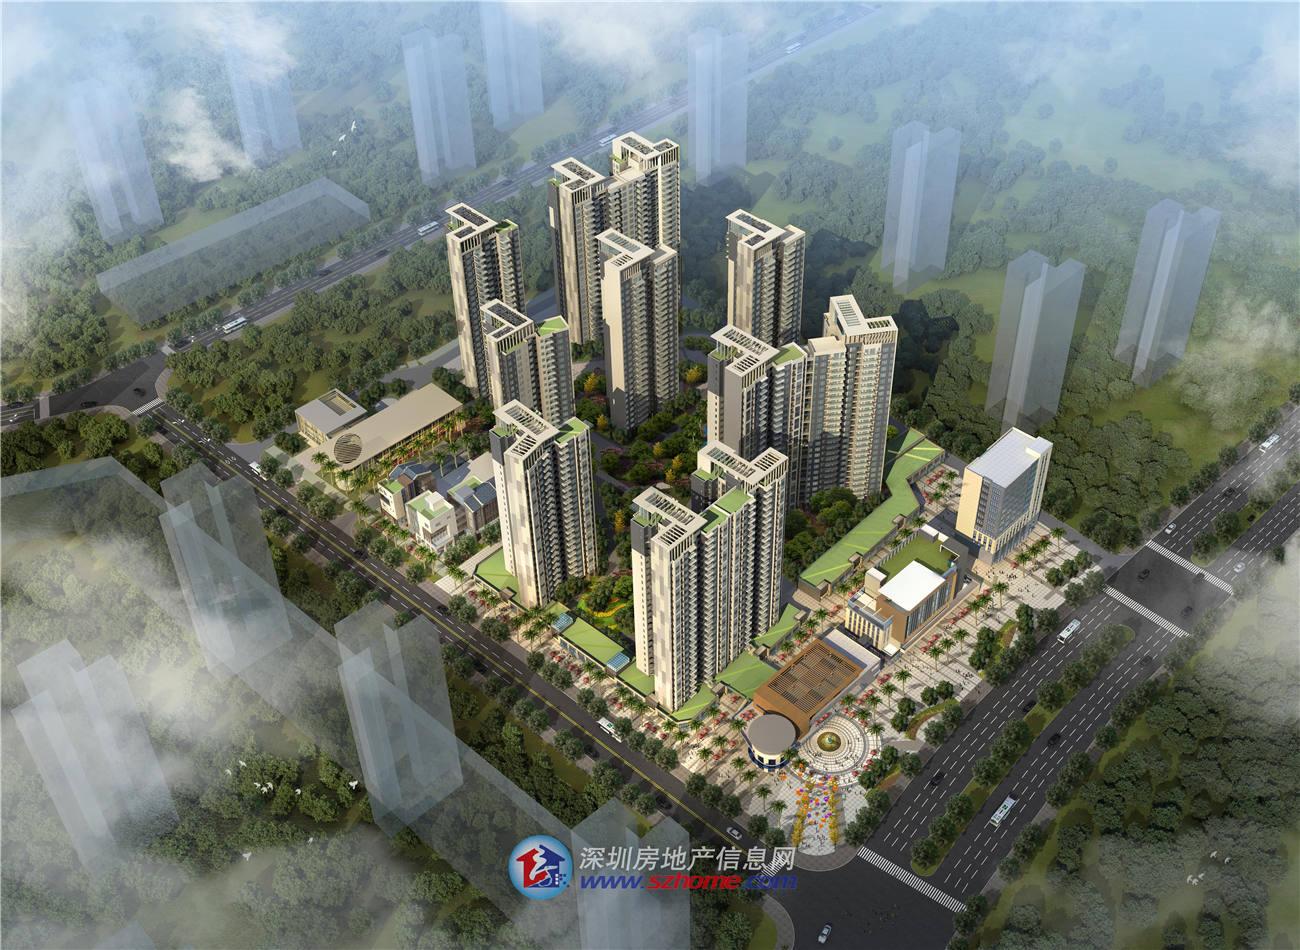 广联博爵-深圳房地产信息网